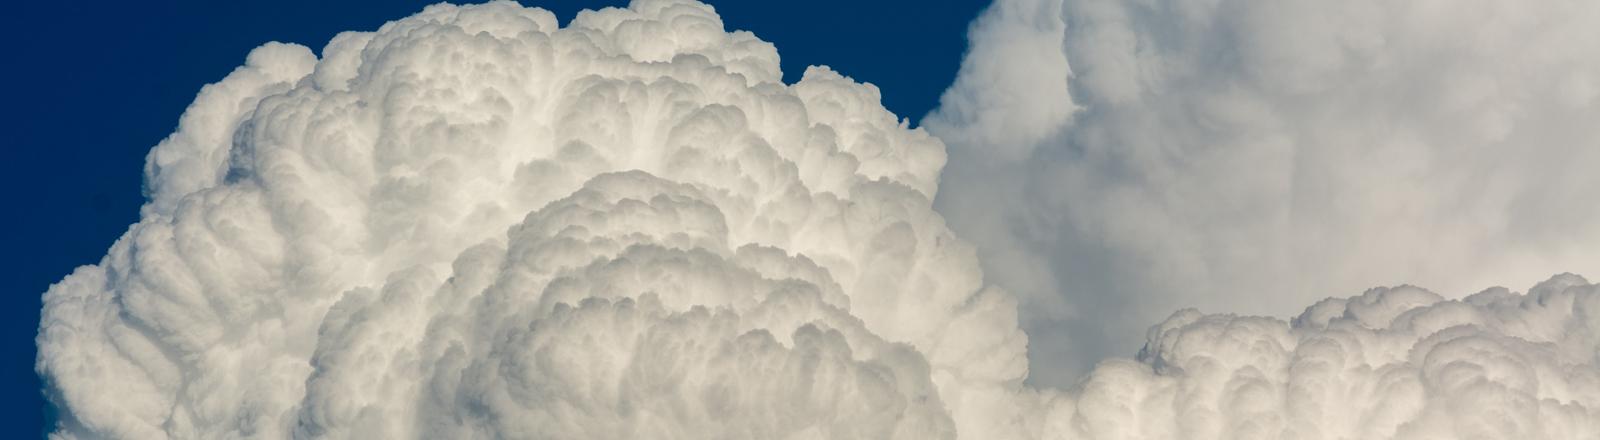 Eine Wolke